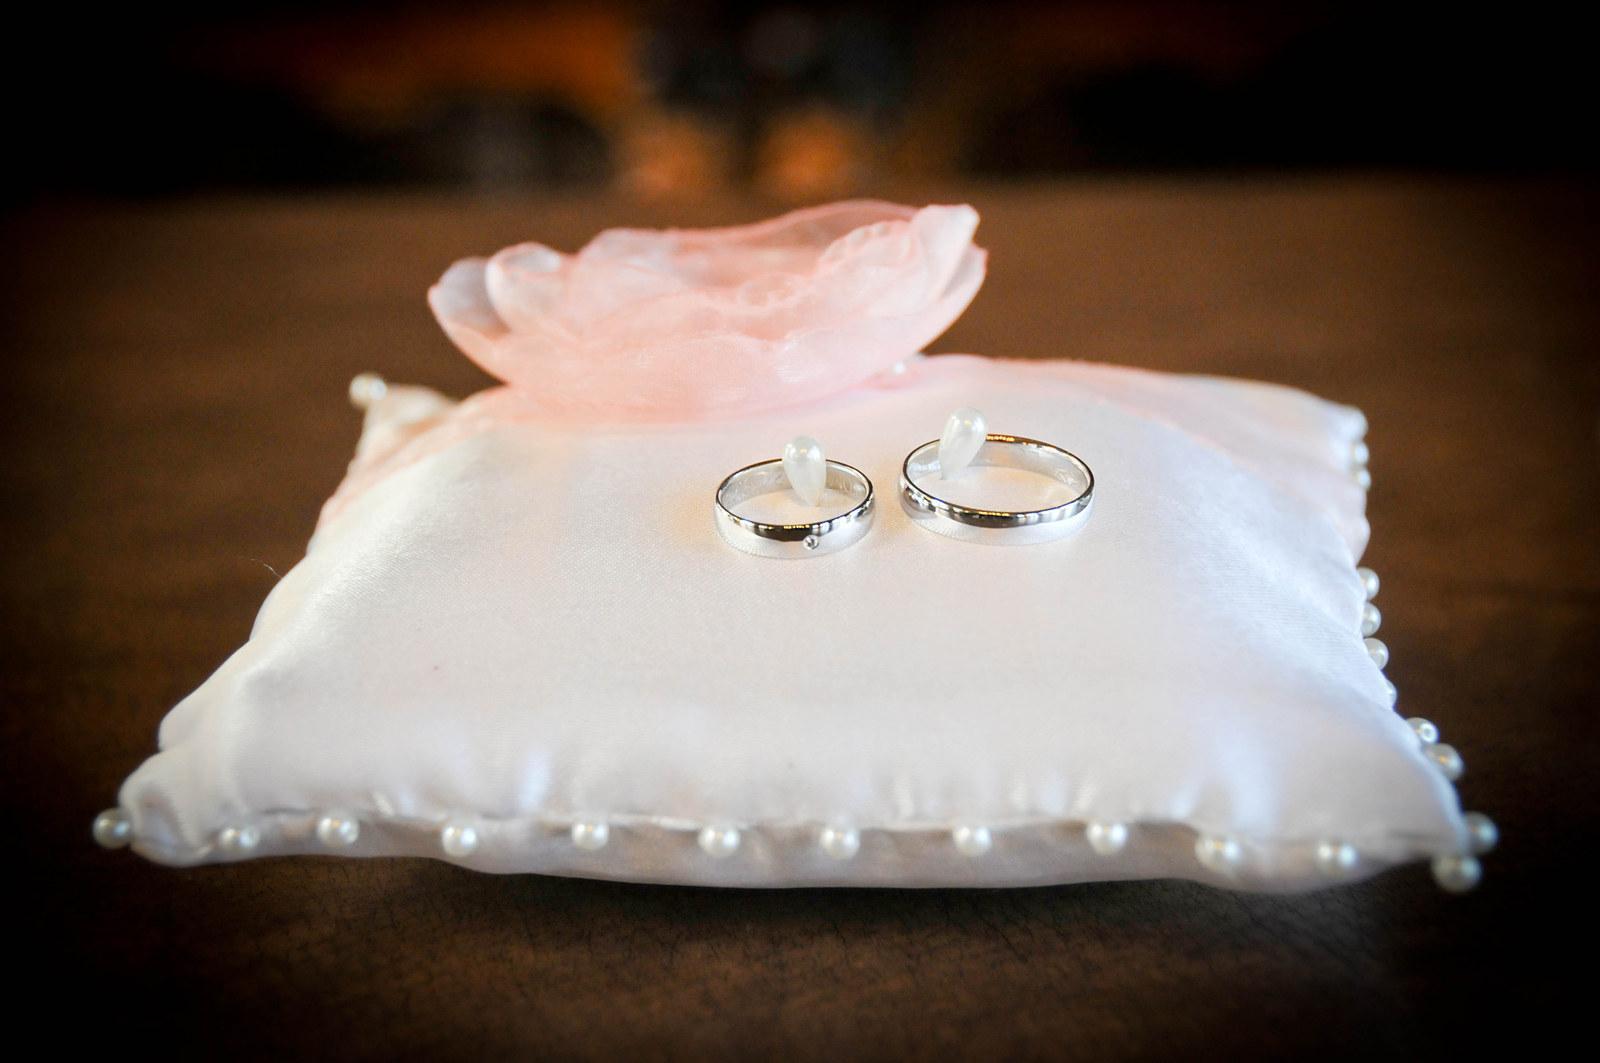 Bílý polštářek pod prstýnky s lososovou květinkou - Obrázek č. 1